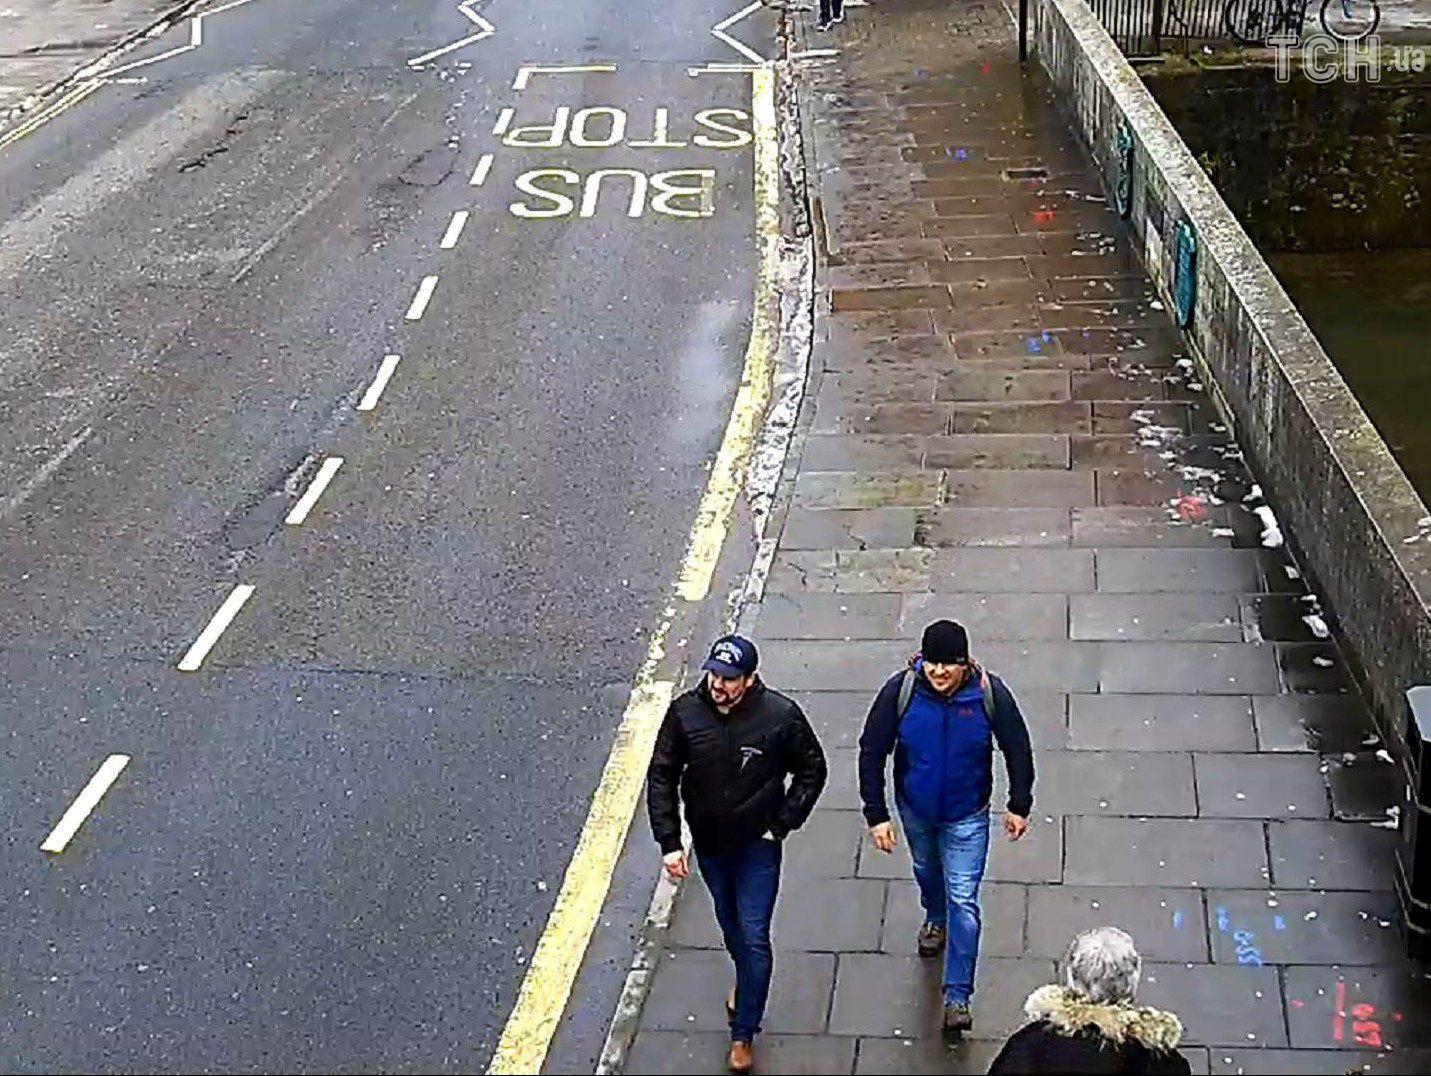 Підозрювані в отруєнні Скрипалів, фото з камер спостереження_5